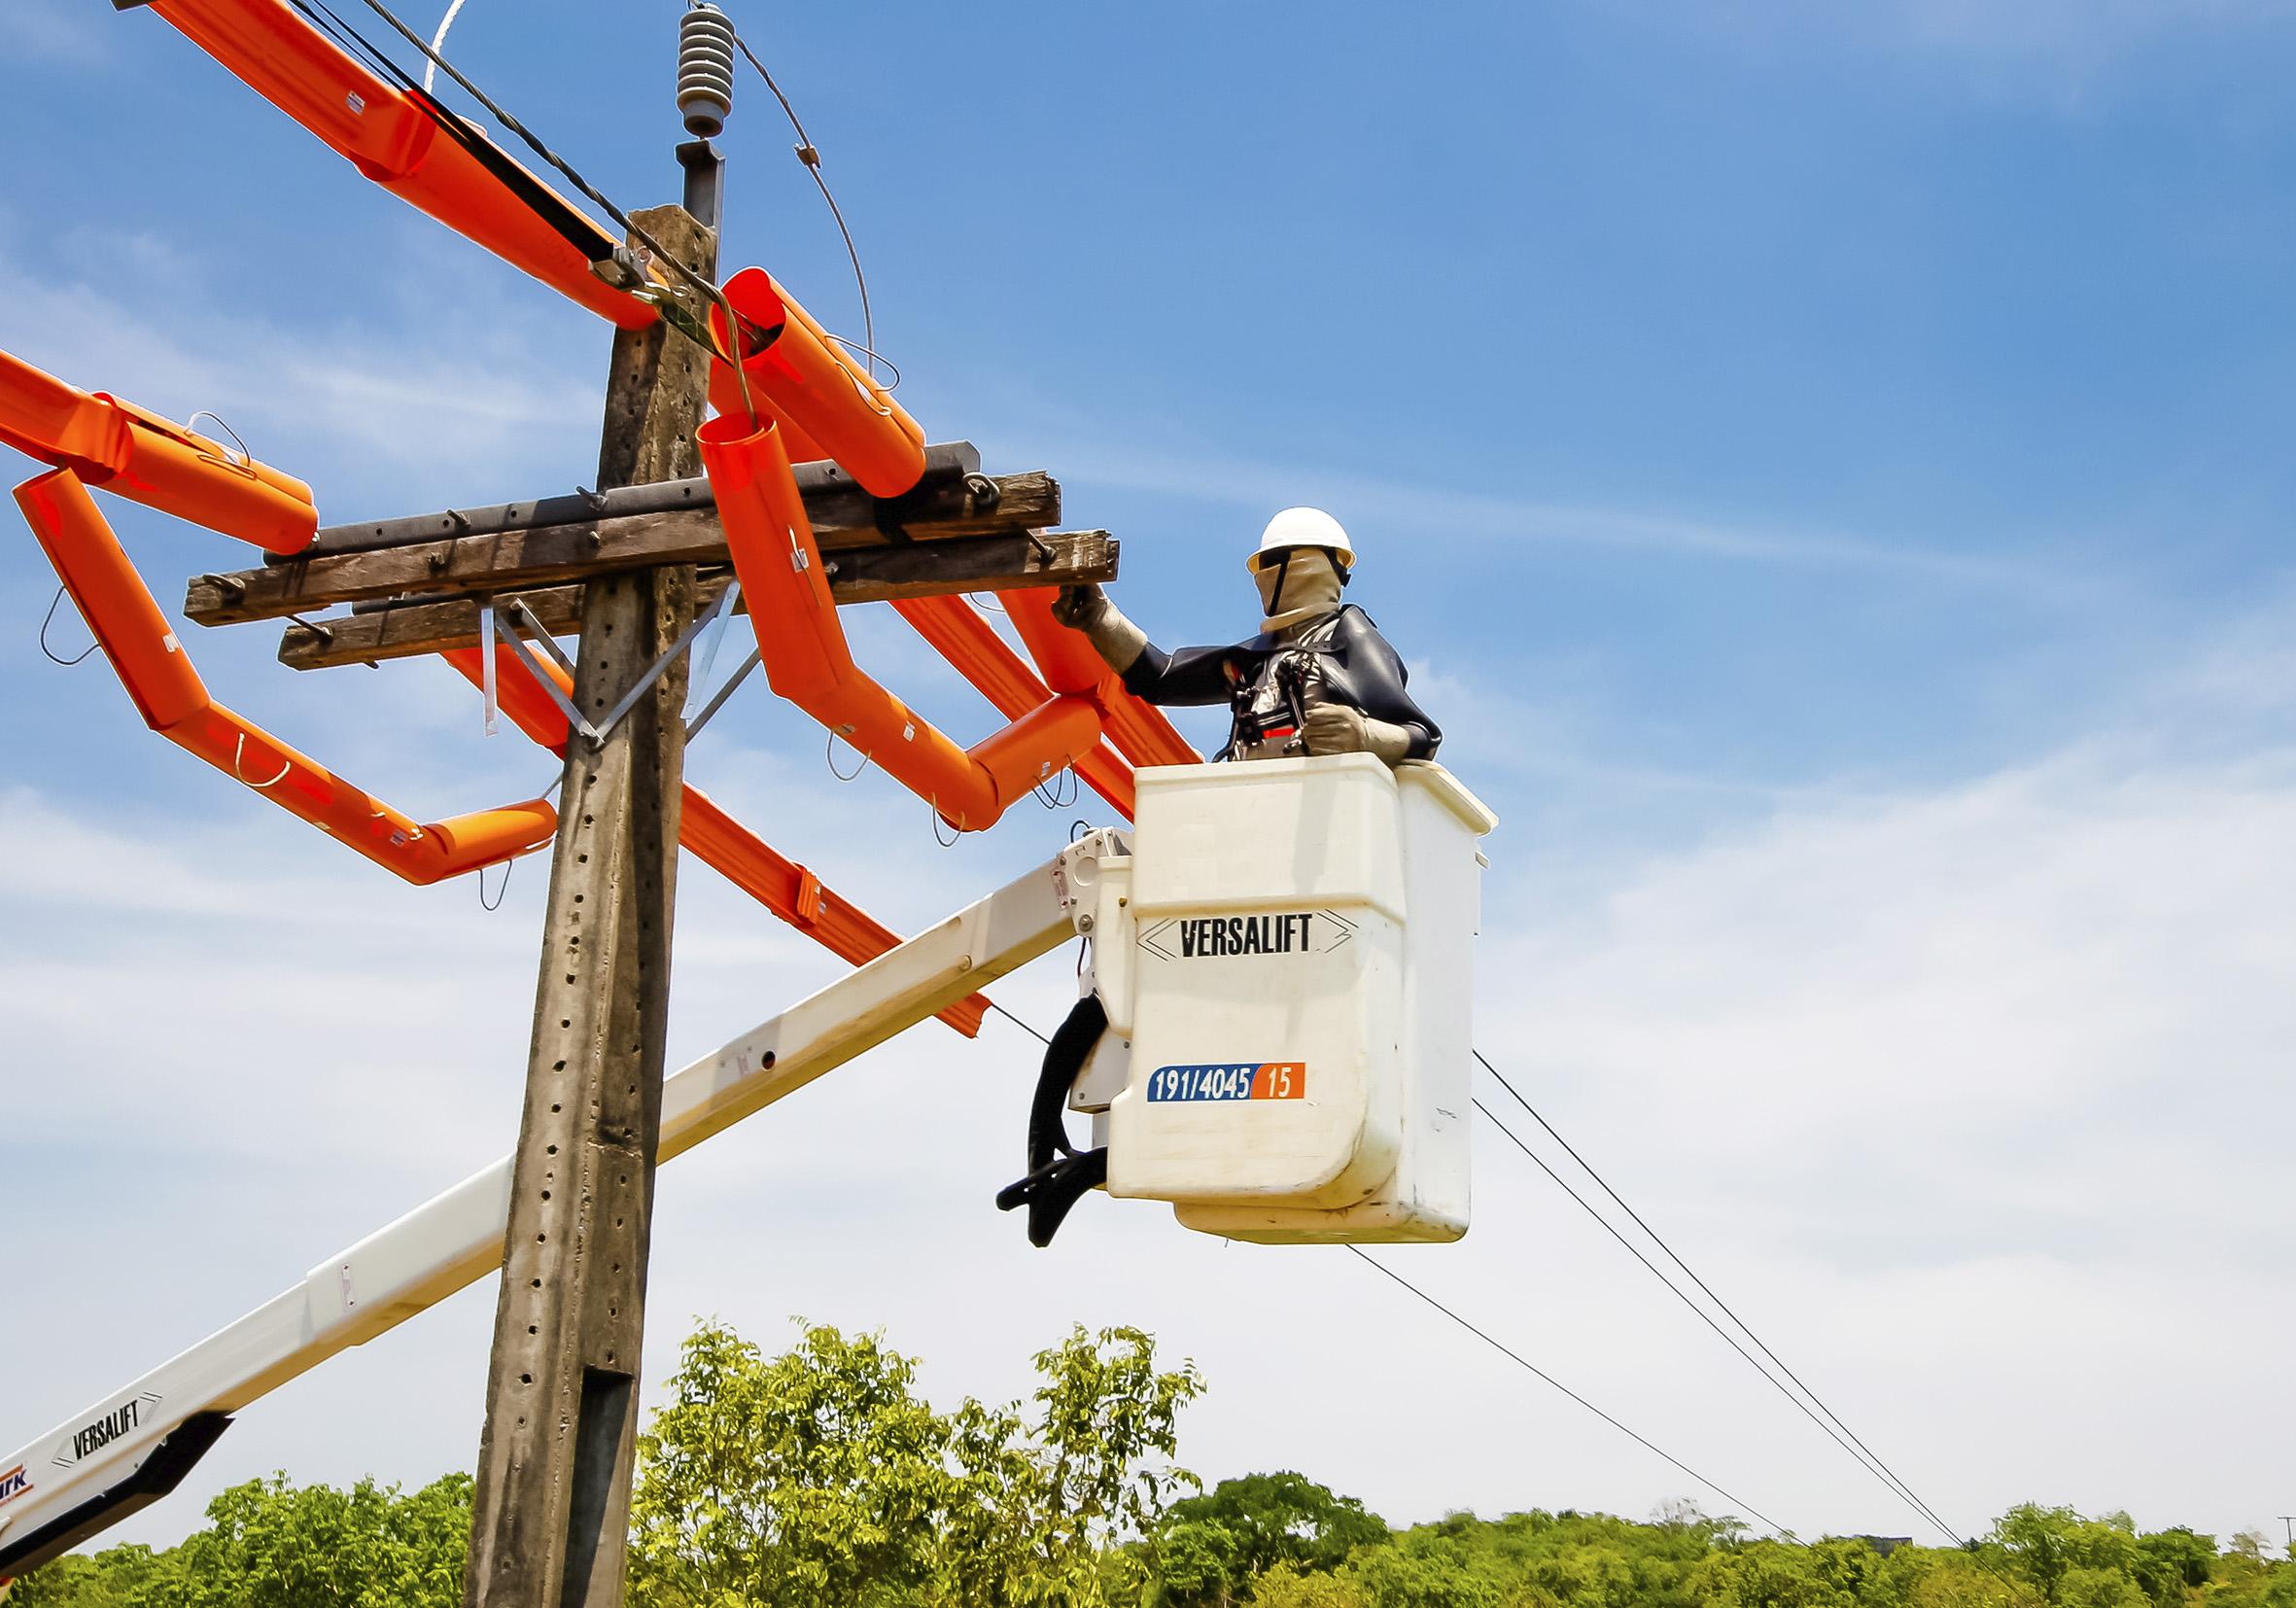 Em mais um ano, serviços prestados pela Energisa Sul-Sudeste foram bem avaliados pelos clientes